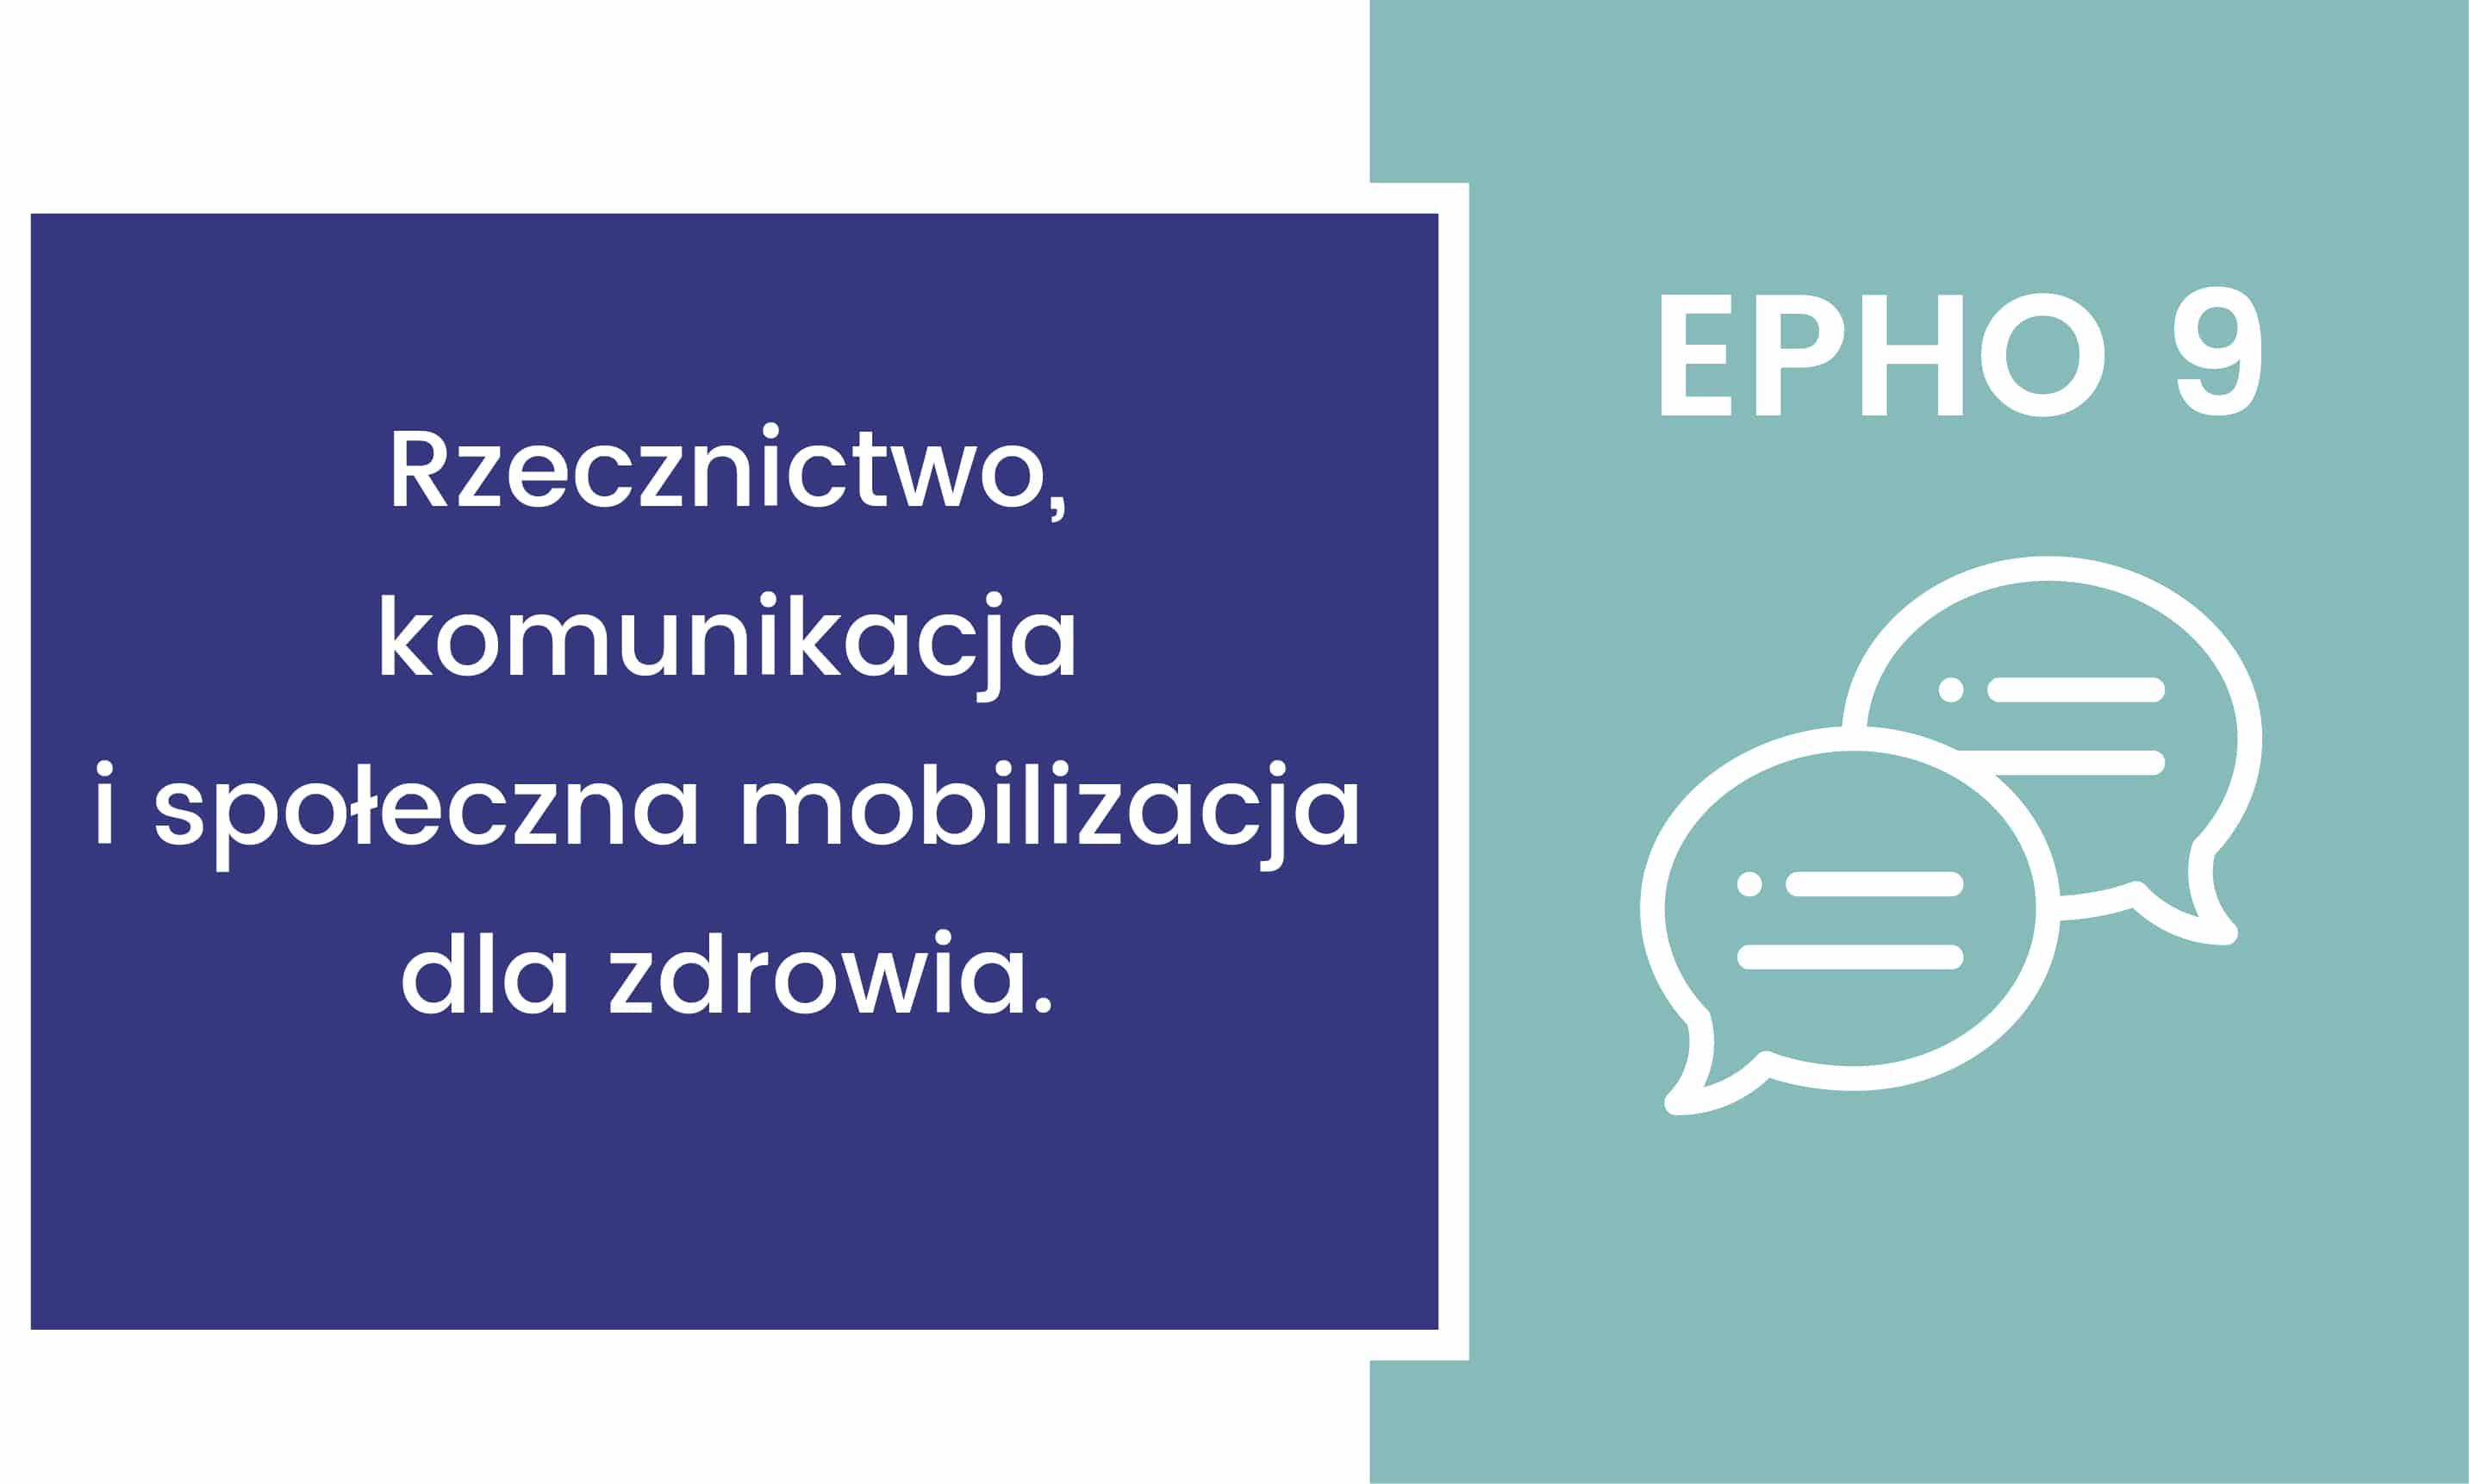 EPHO 9. Rzecznictwo, komunikacja i społeczna mobilizacja dla zdrowia